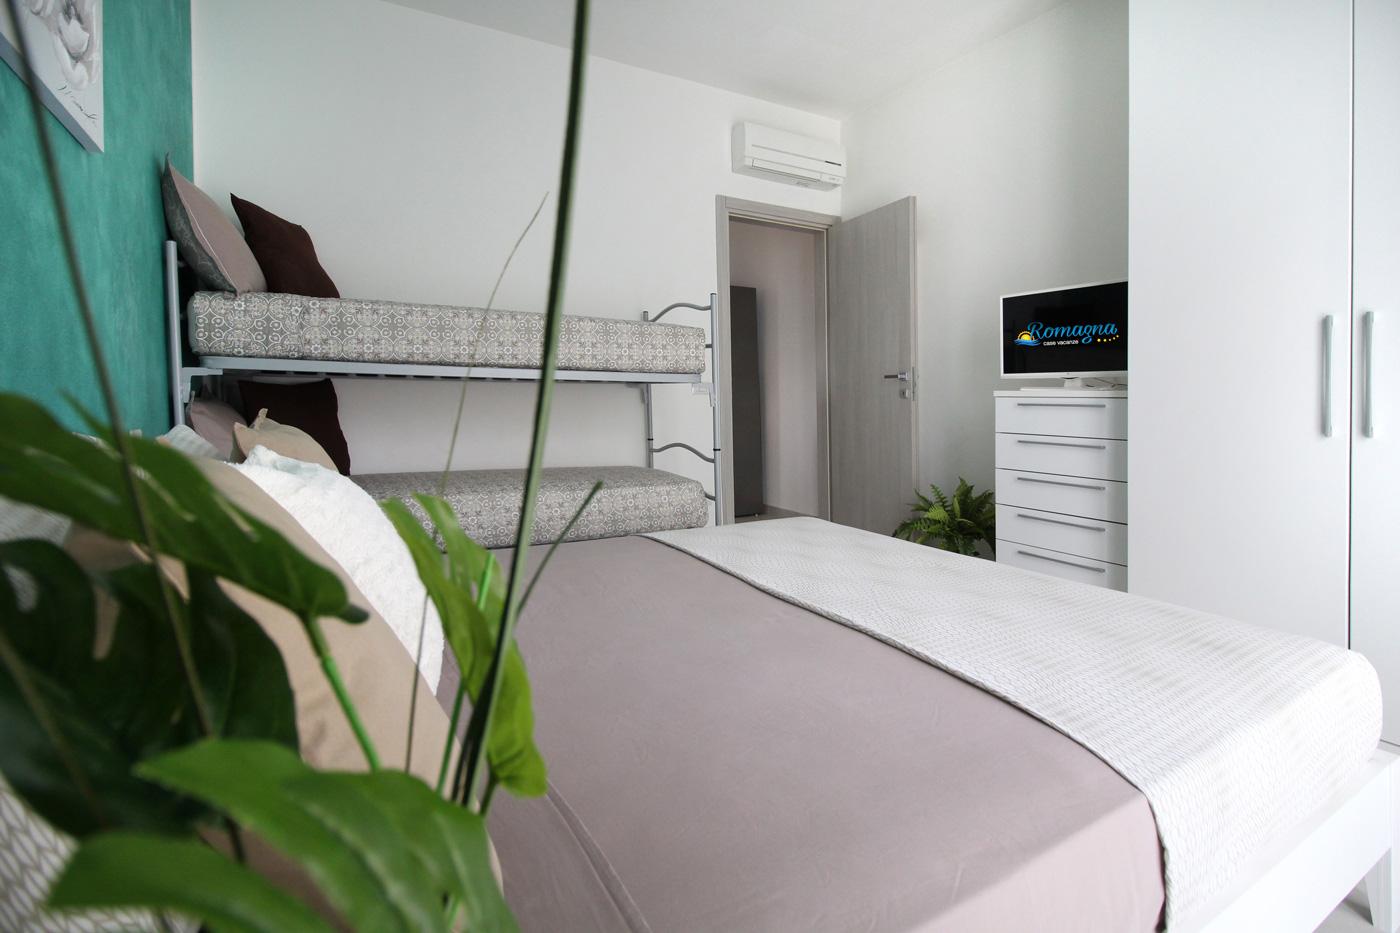 Appartamento Sofia_Romagna case vacanze_Gatteo mare_San mauro_9708